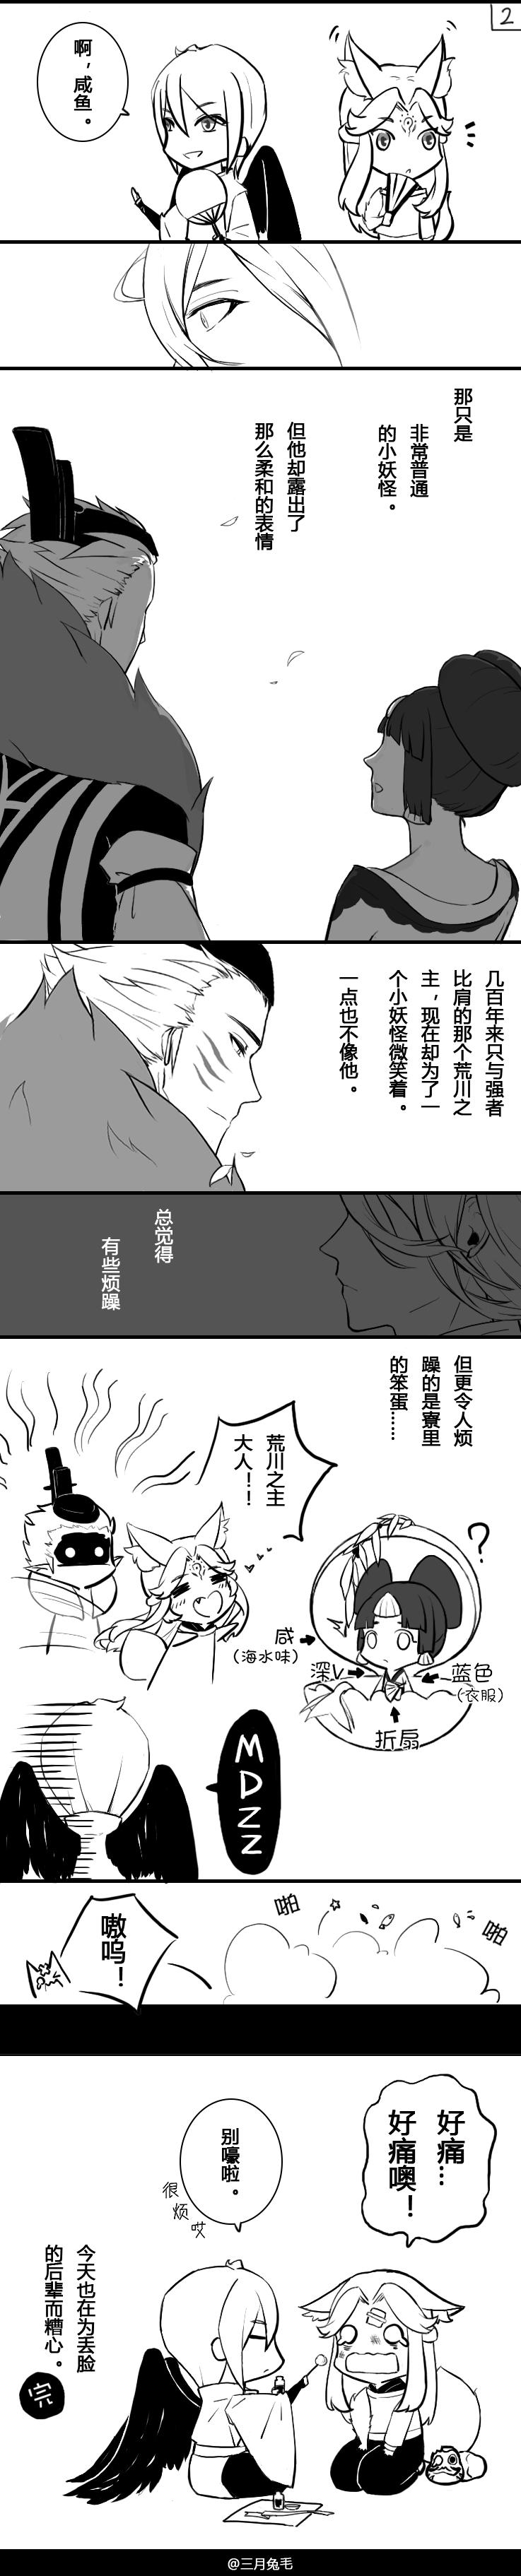 大天狗观察日记 2.png